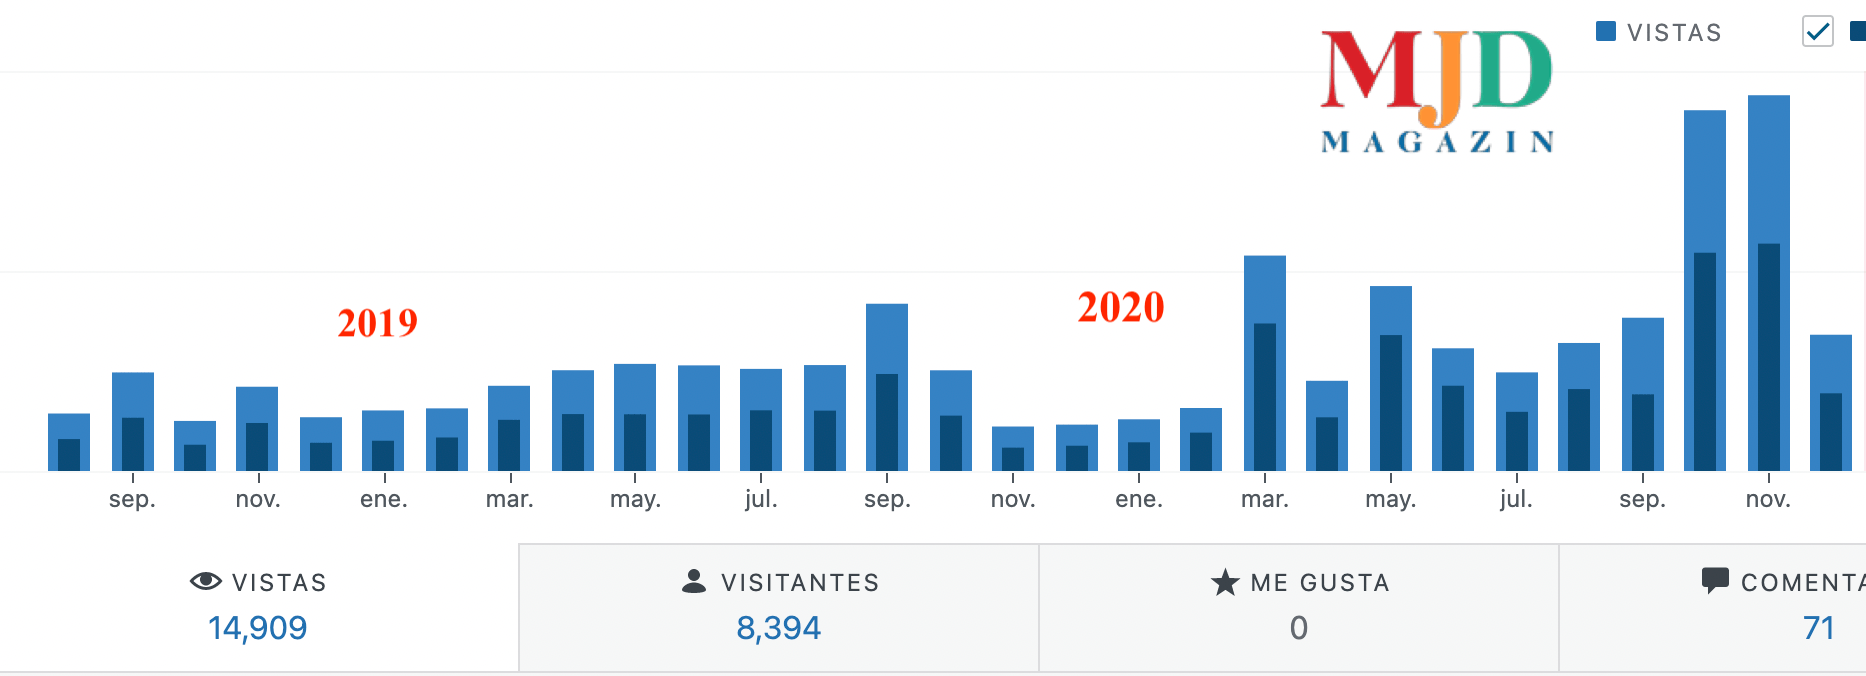 MJD Magazin consigue 4 millones de visitas en 2020 gracias a la fidelidad de sus lectores y anunciantes